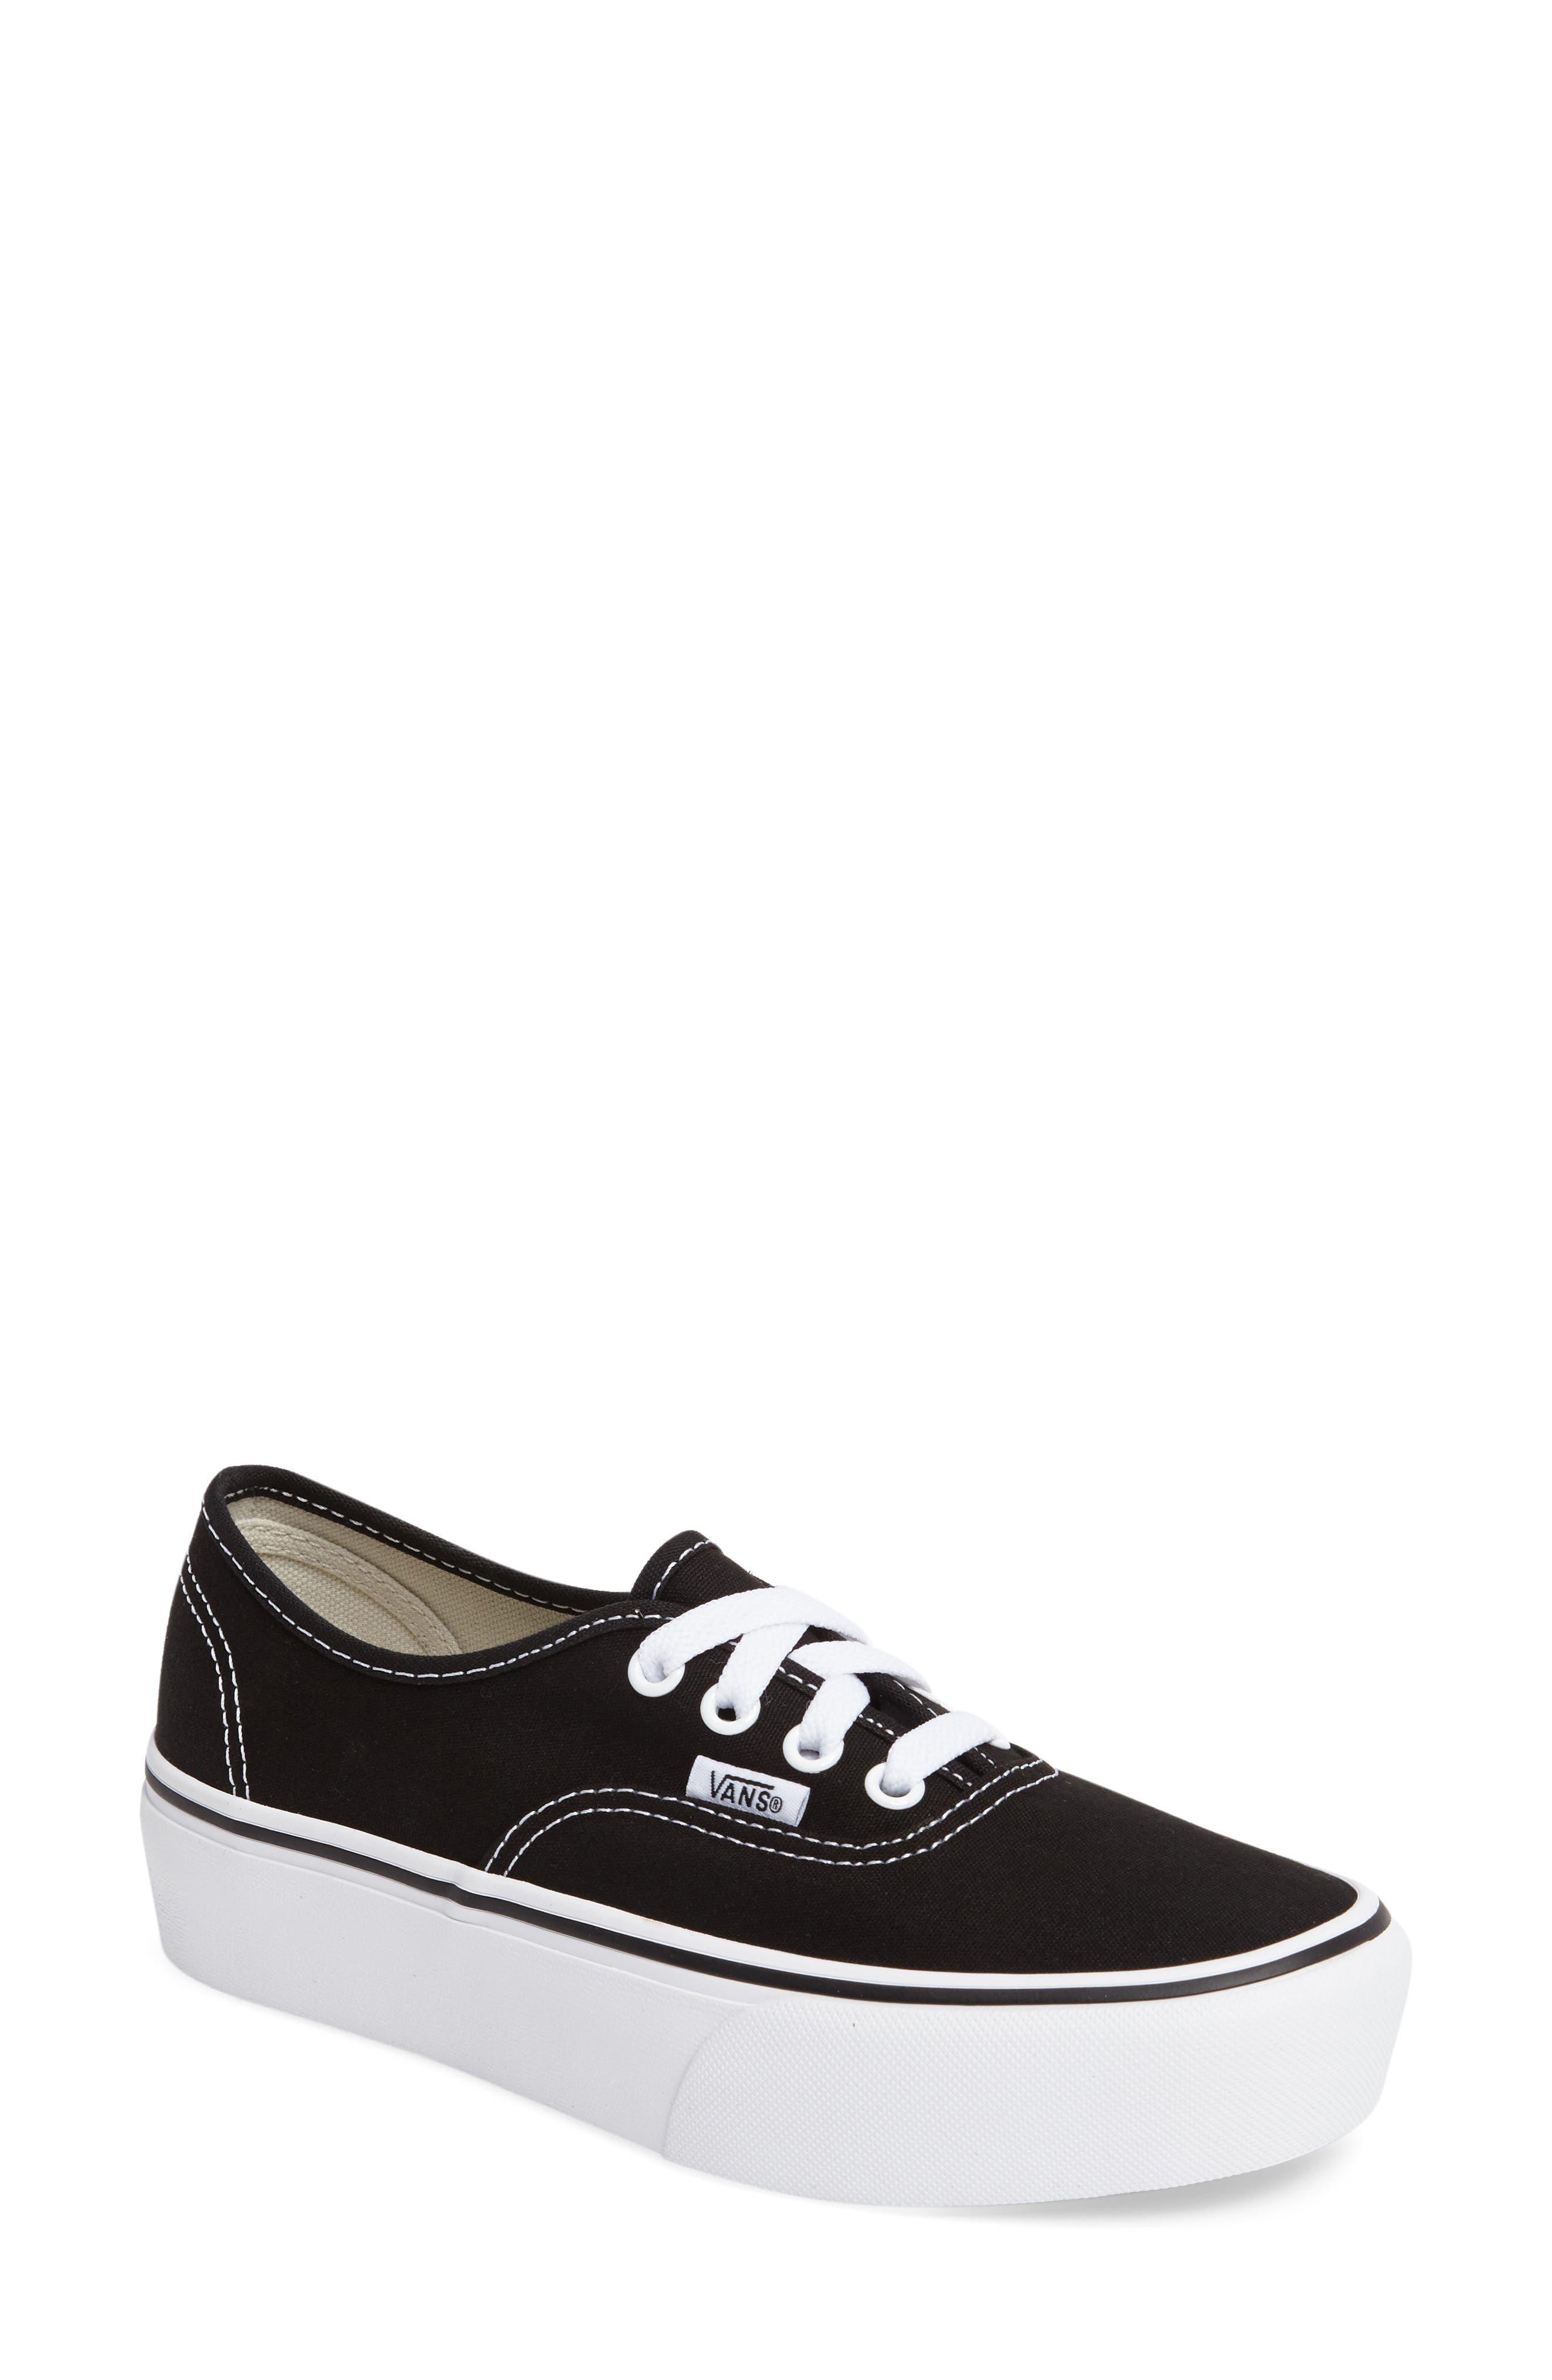 VANS 'Authentic' Platform Sneaker, Main, color, BLACK/ WHITE